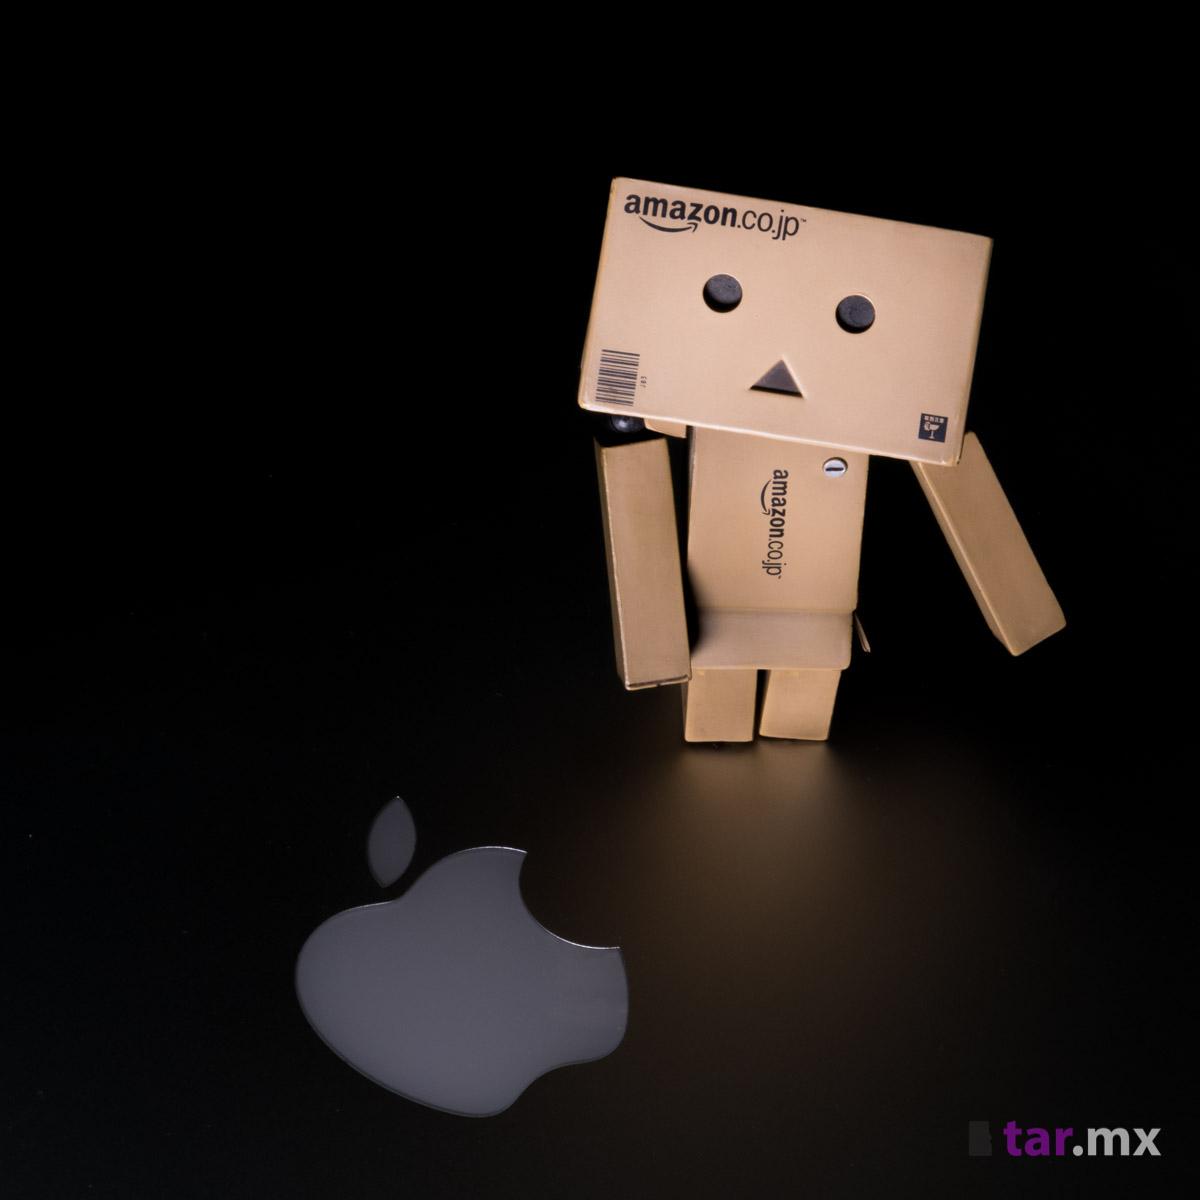 Robot Amazon, Apple, consumismo